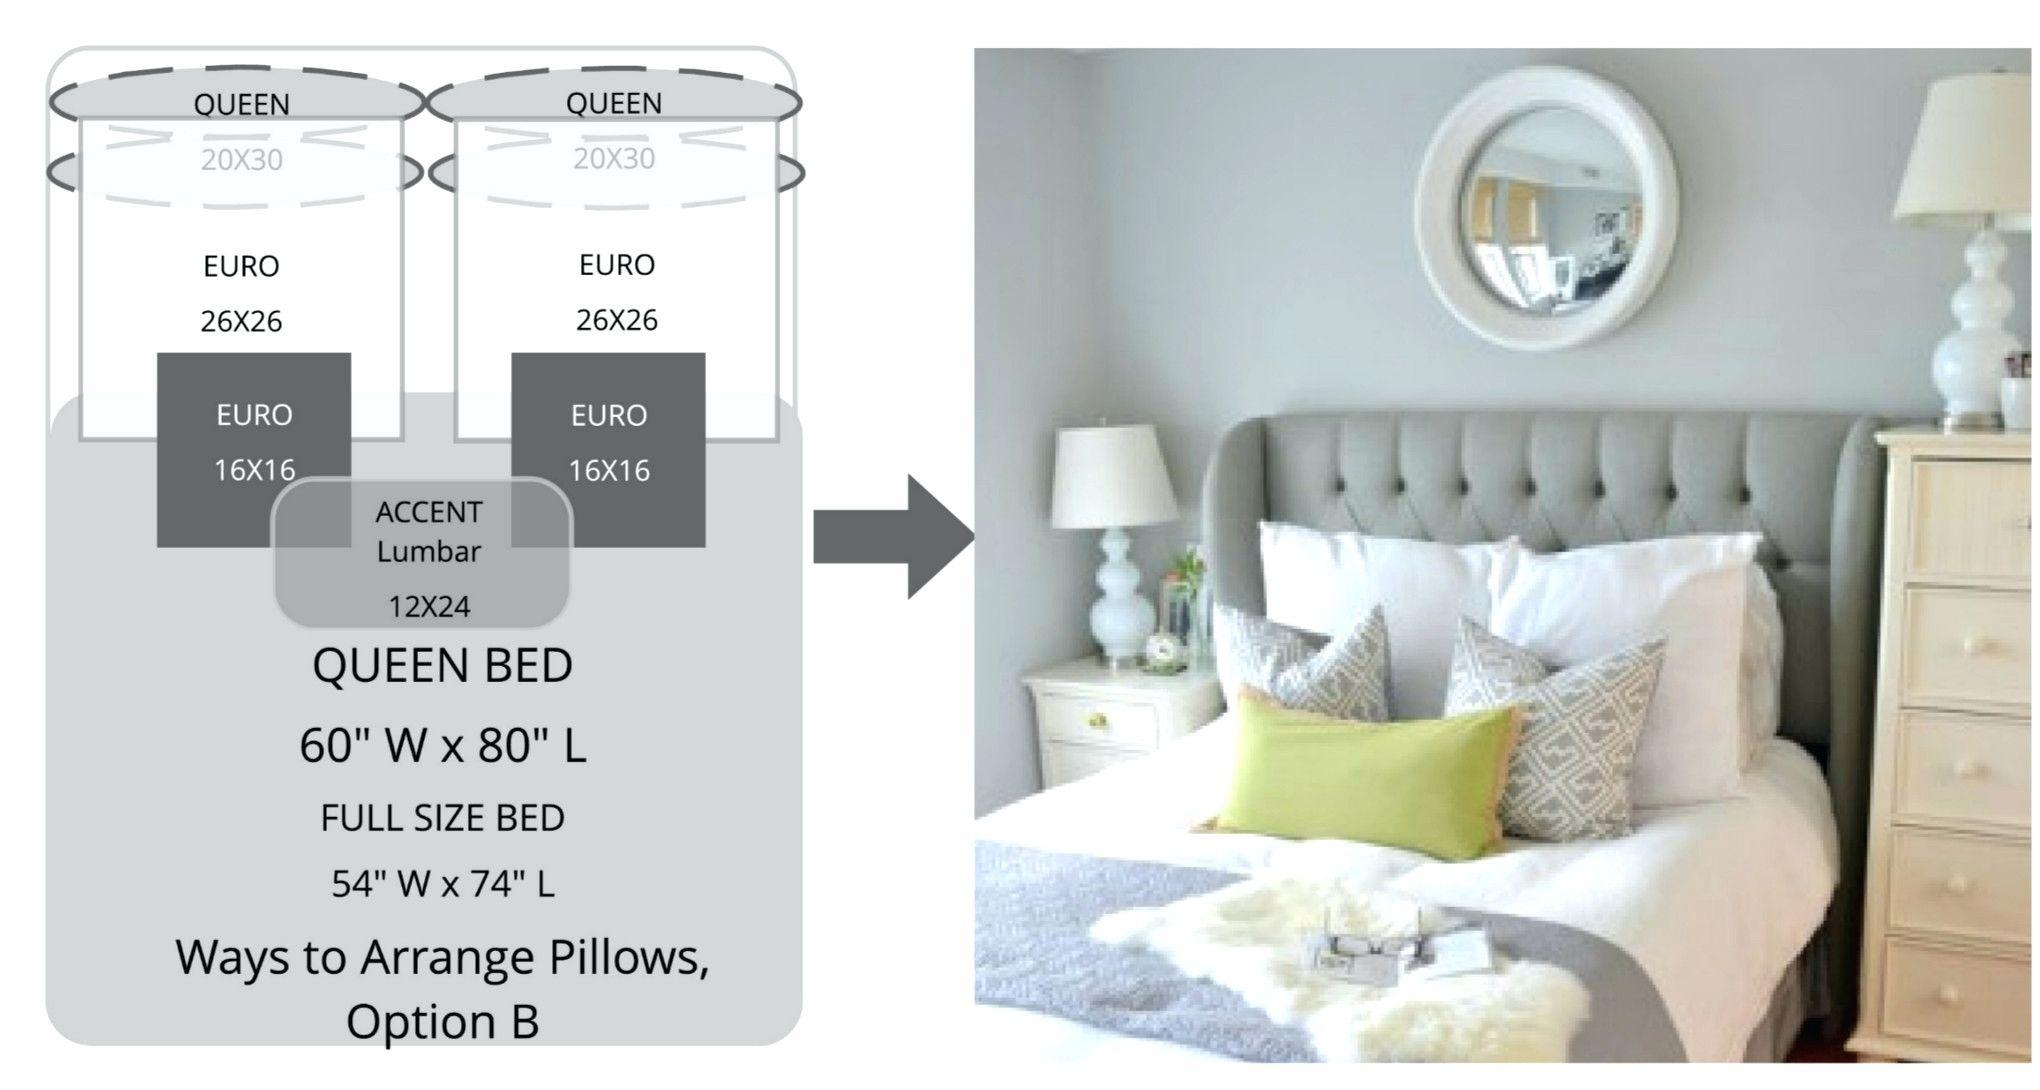 Typical Lumbar Pillow Sizes Standard Lumbar Pillow Sizes Lumbar Pillow Insert Sizes Twin Bed Pillow Arrangements P Bed Pillow Arrangement Bed Pillows Bed Decor